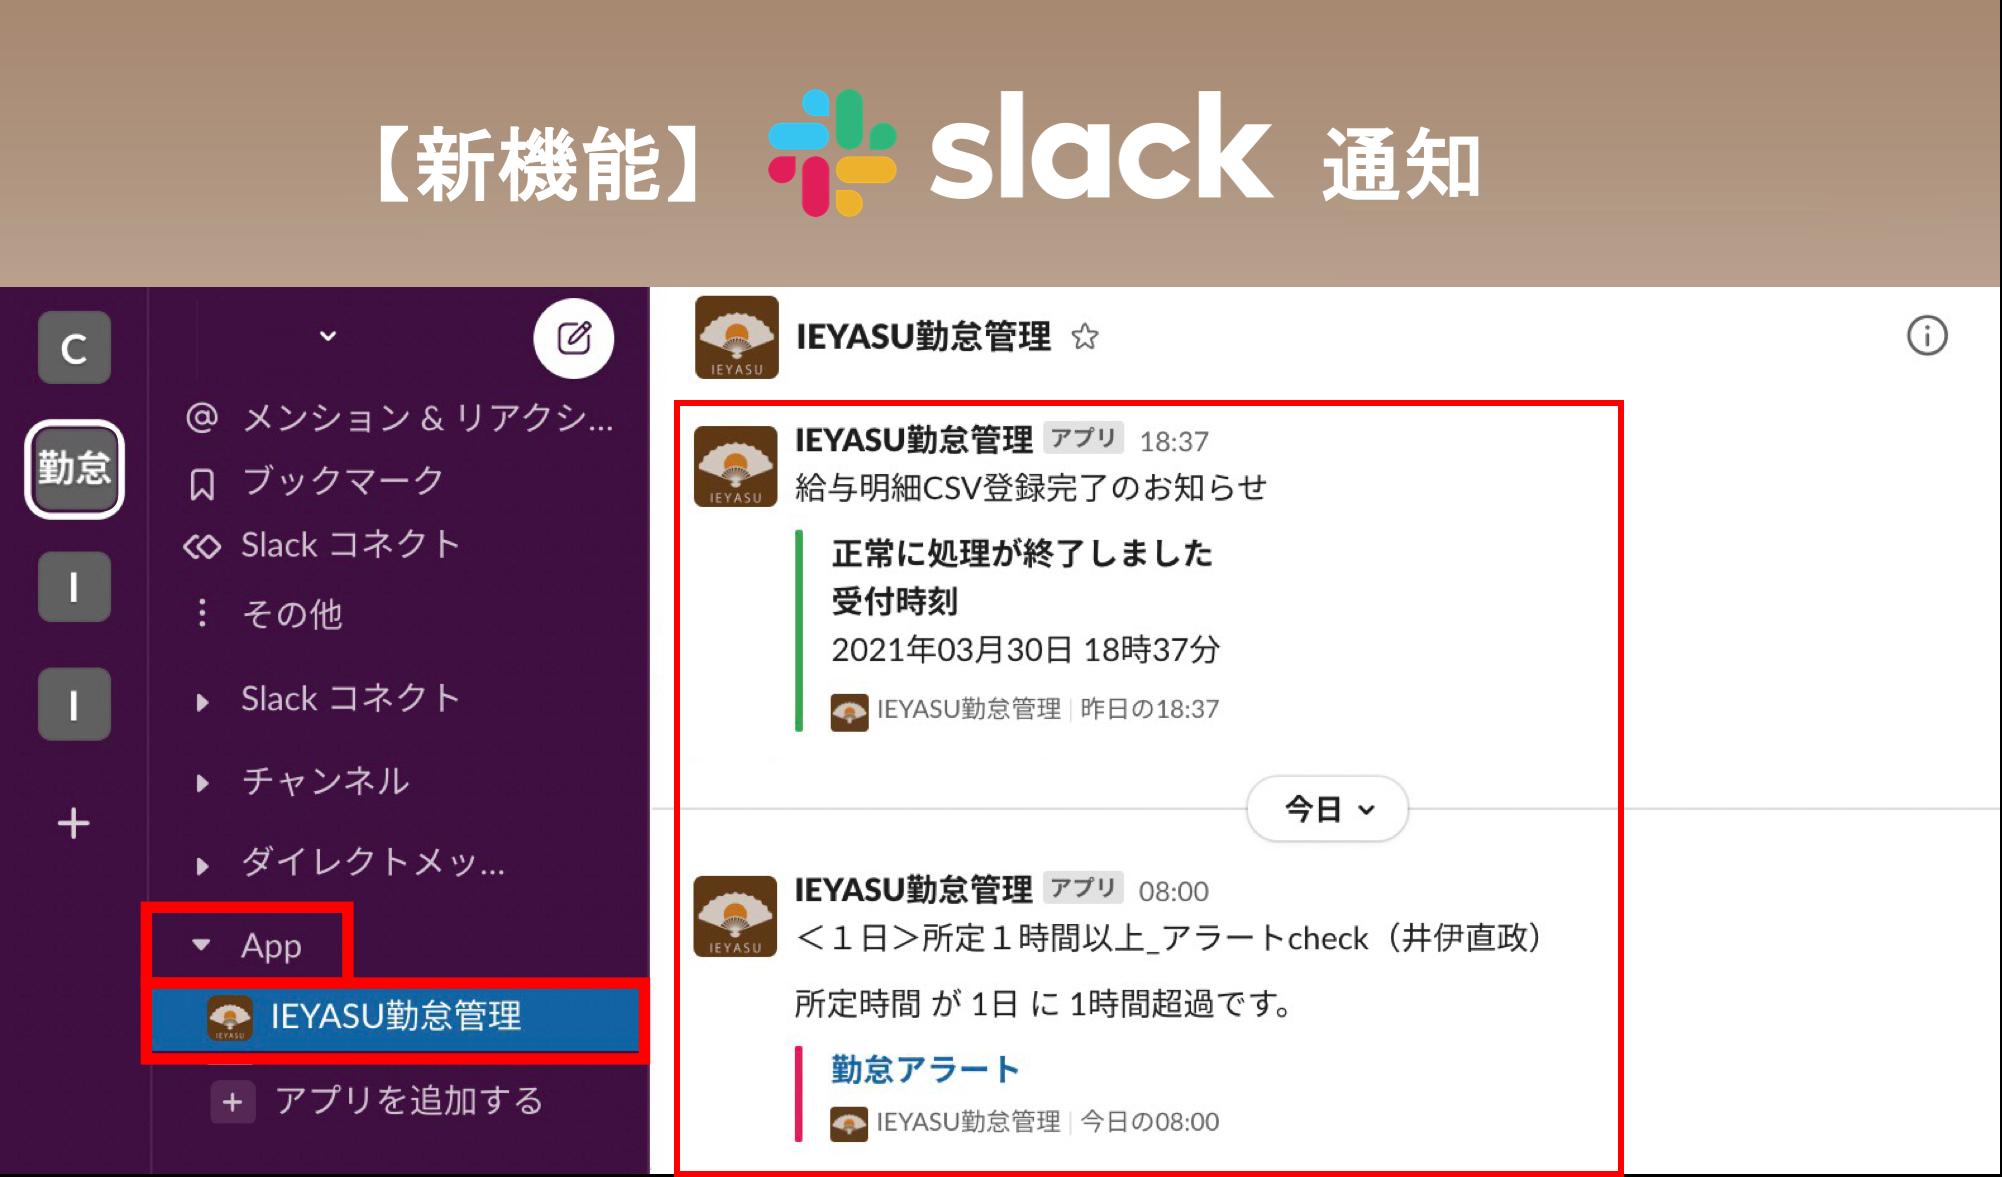 【新機能】Slack通知機能で打刻漏れ通知などをSlack上で確認